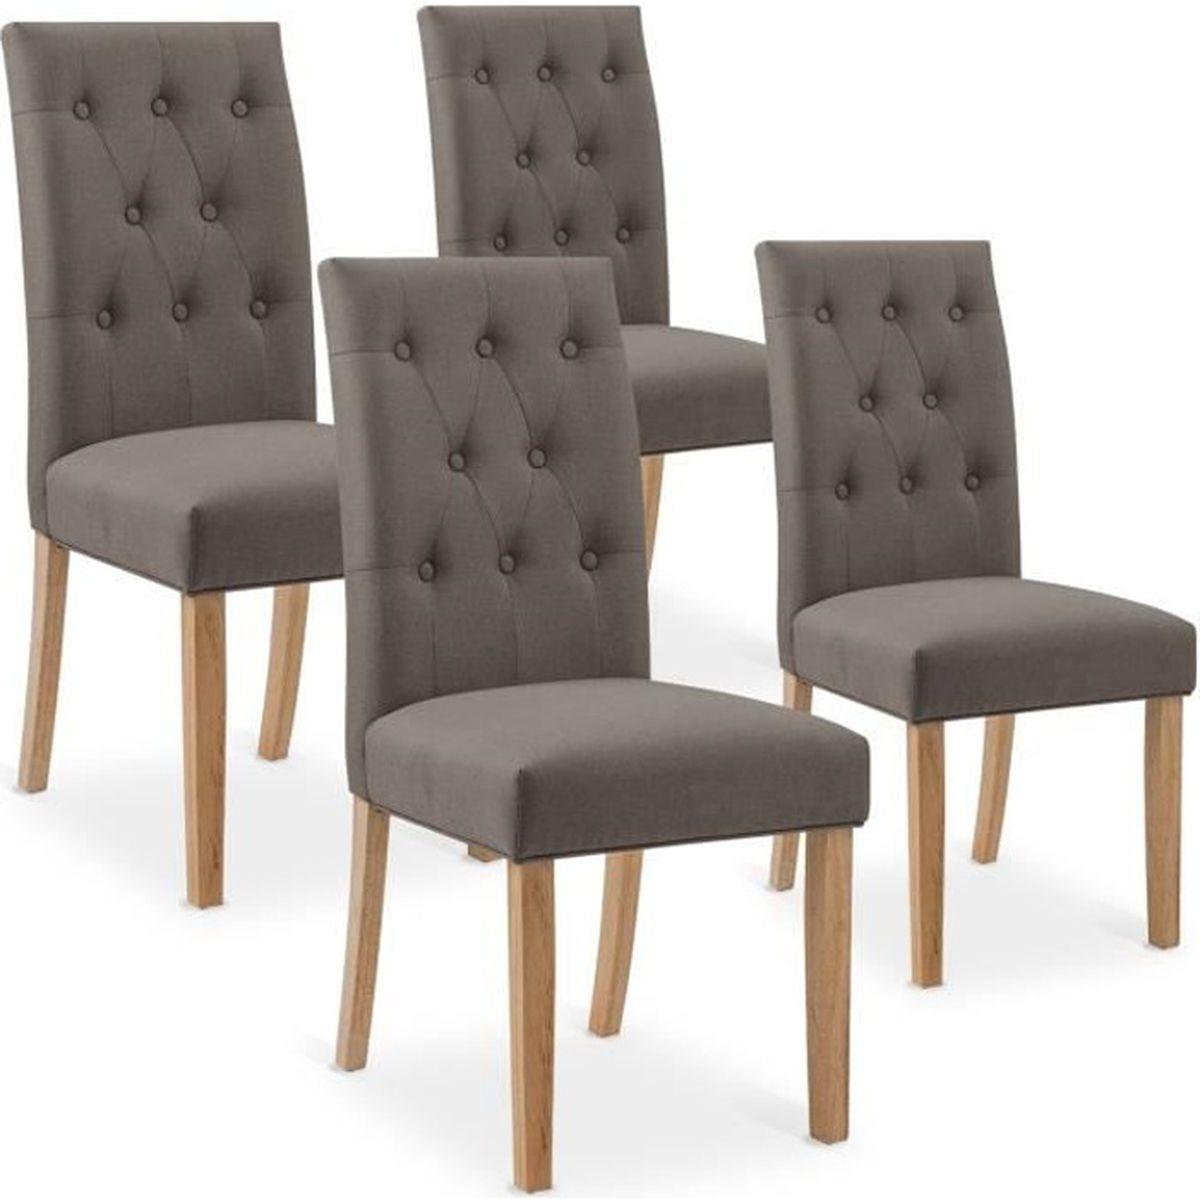 Quel Tissu Pour Chaise chaise tissu taupe